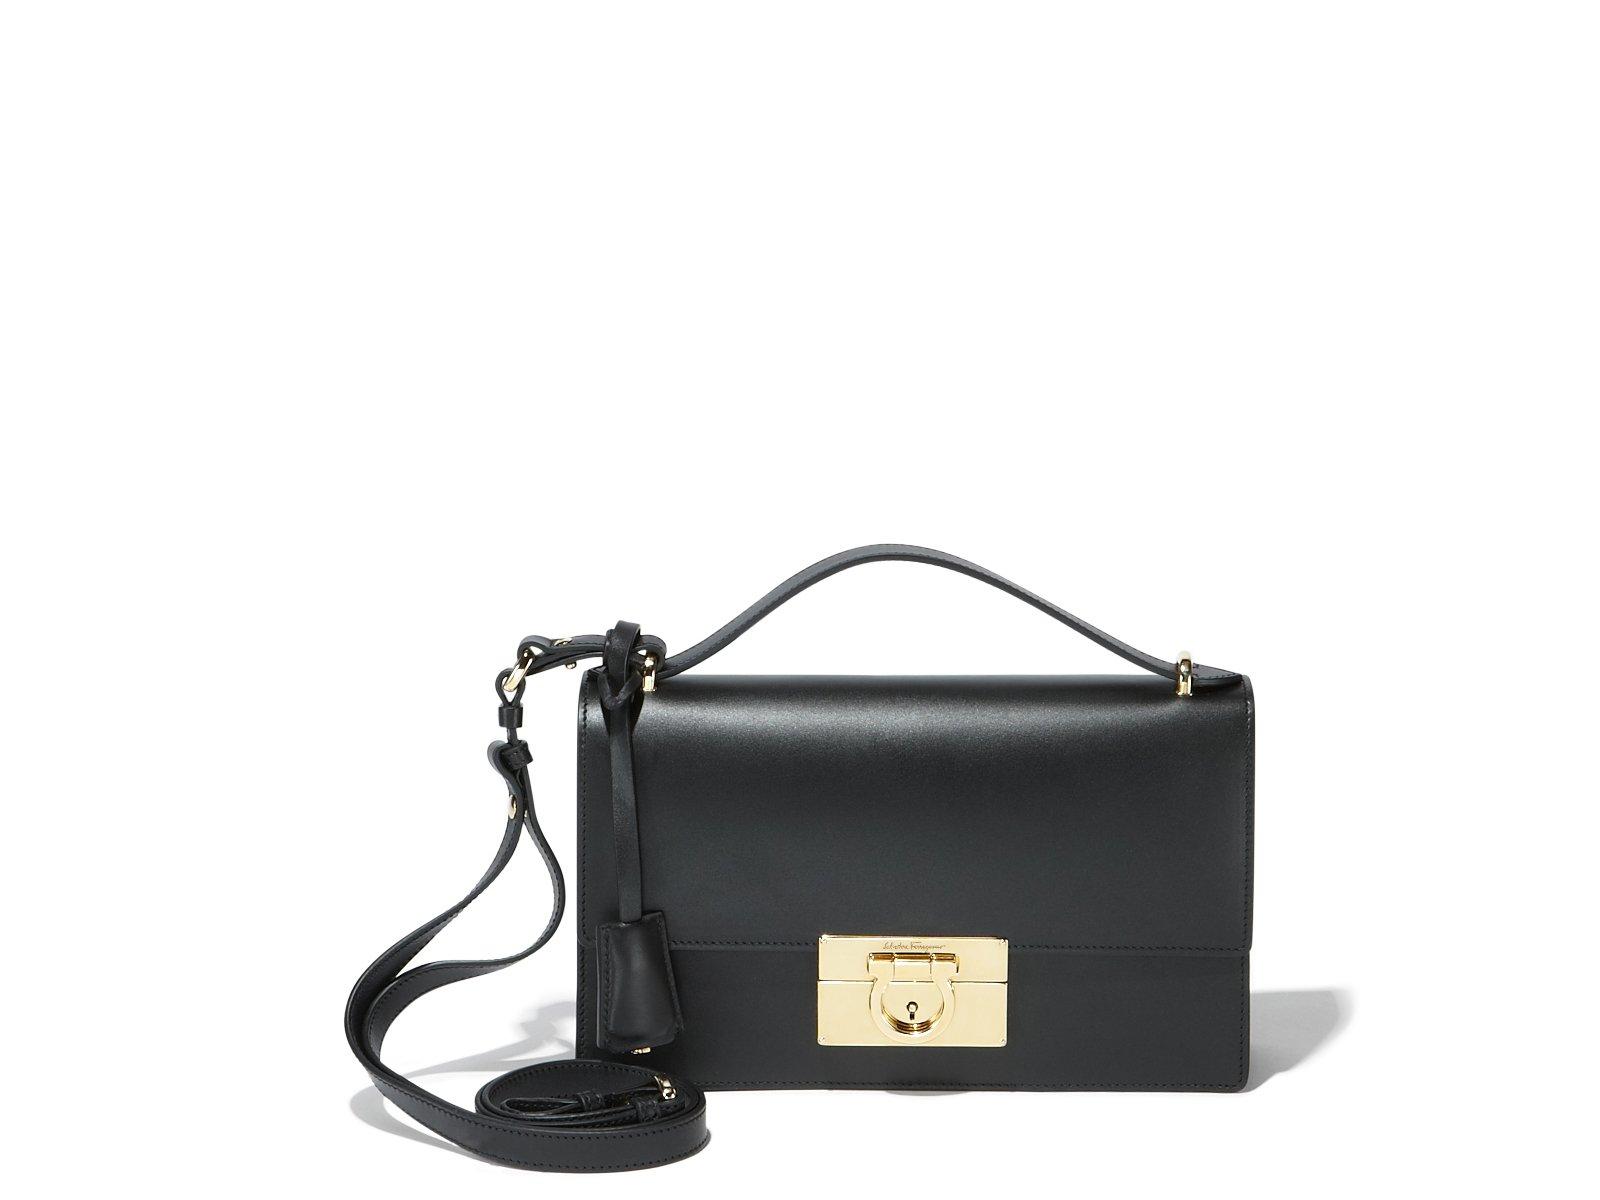 f6d5575dc810 Lyst - Ferragamo Gancio Lock Shoulder Bag in Black